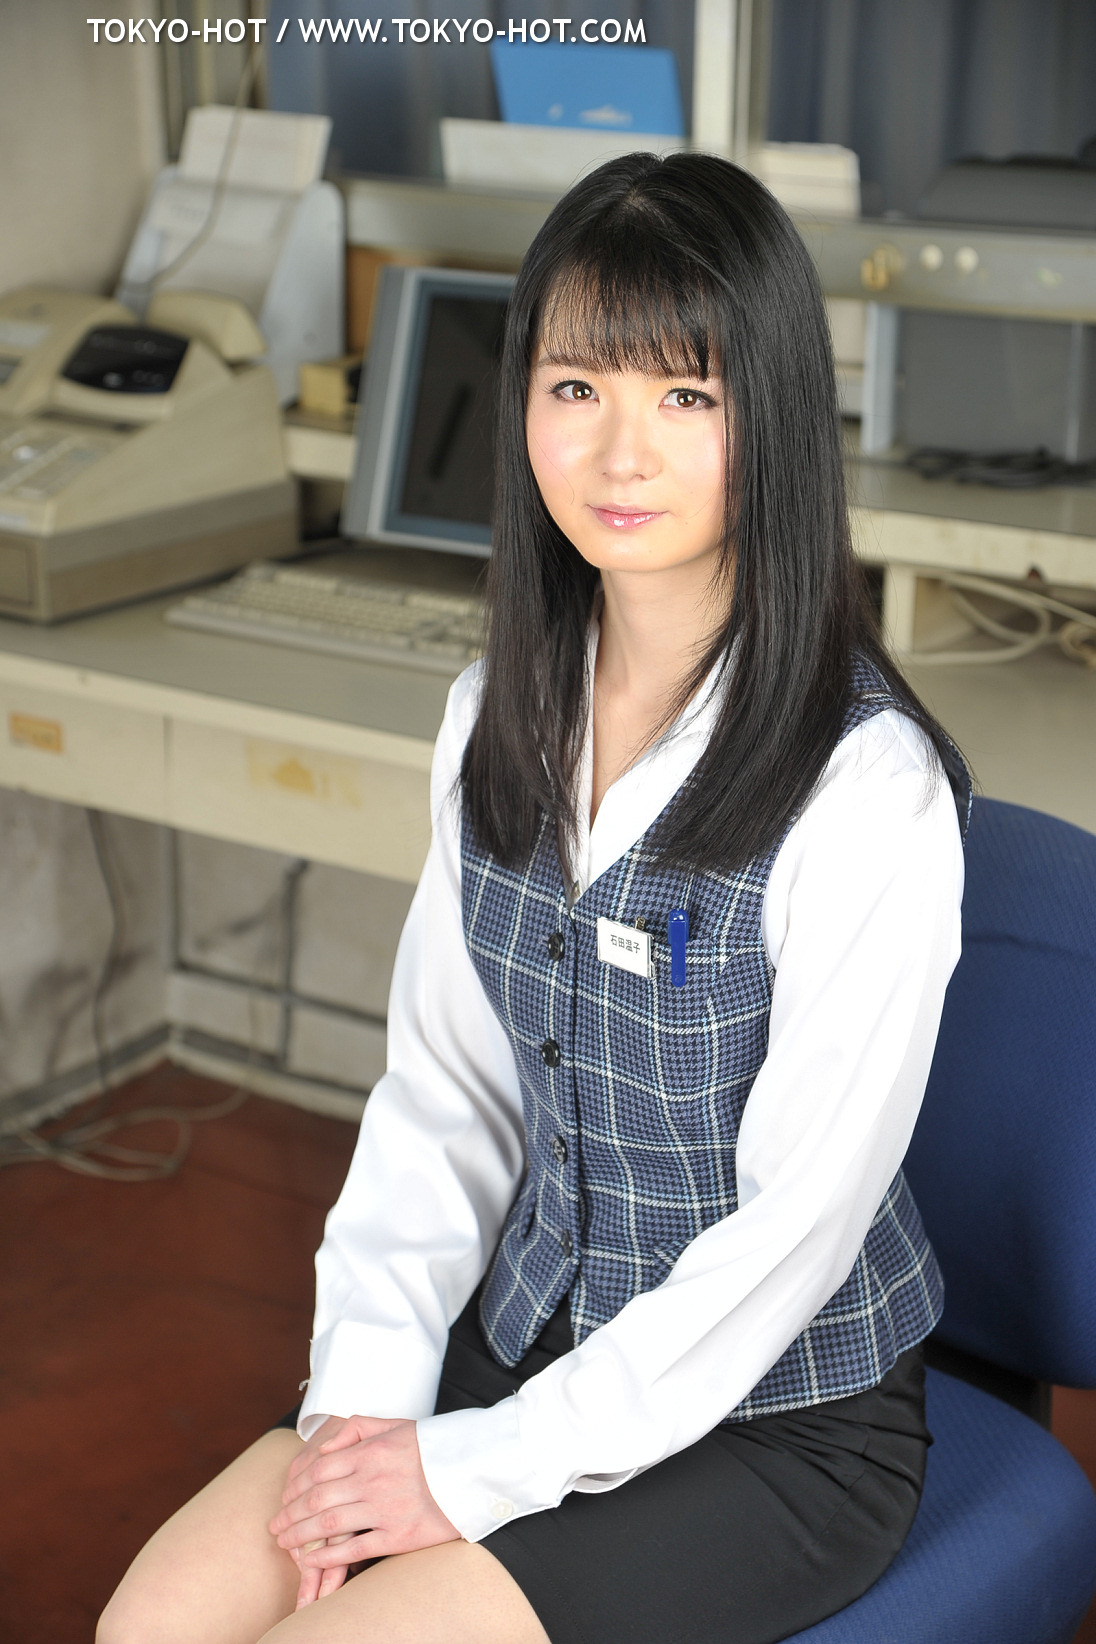 e1064atsuko_ishida0013-jpg [Tokyo-Hot] 2017-01-14 e1064 Atsuko Ishida 石田温子 [479P250MB] 07240